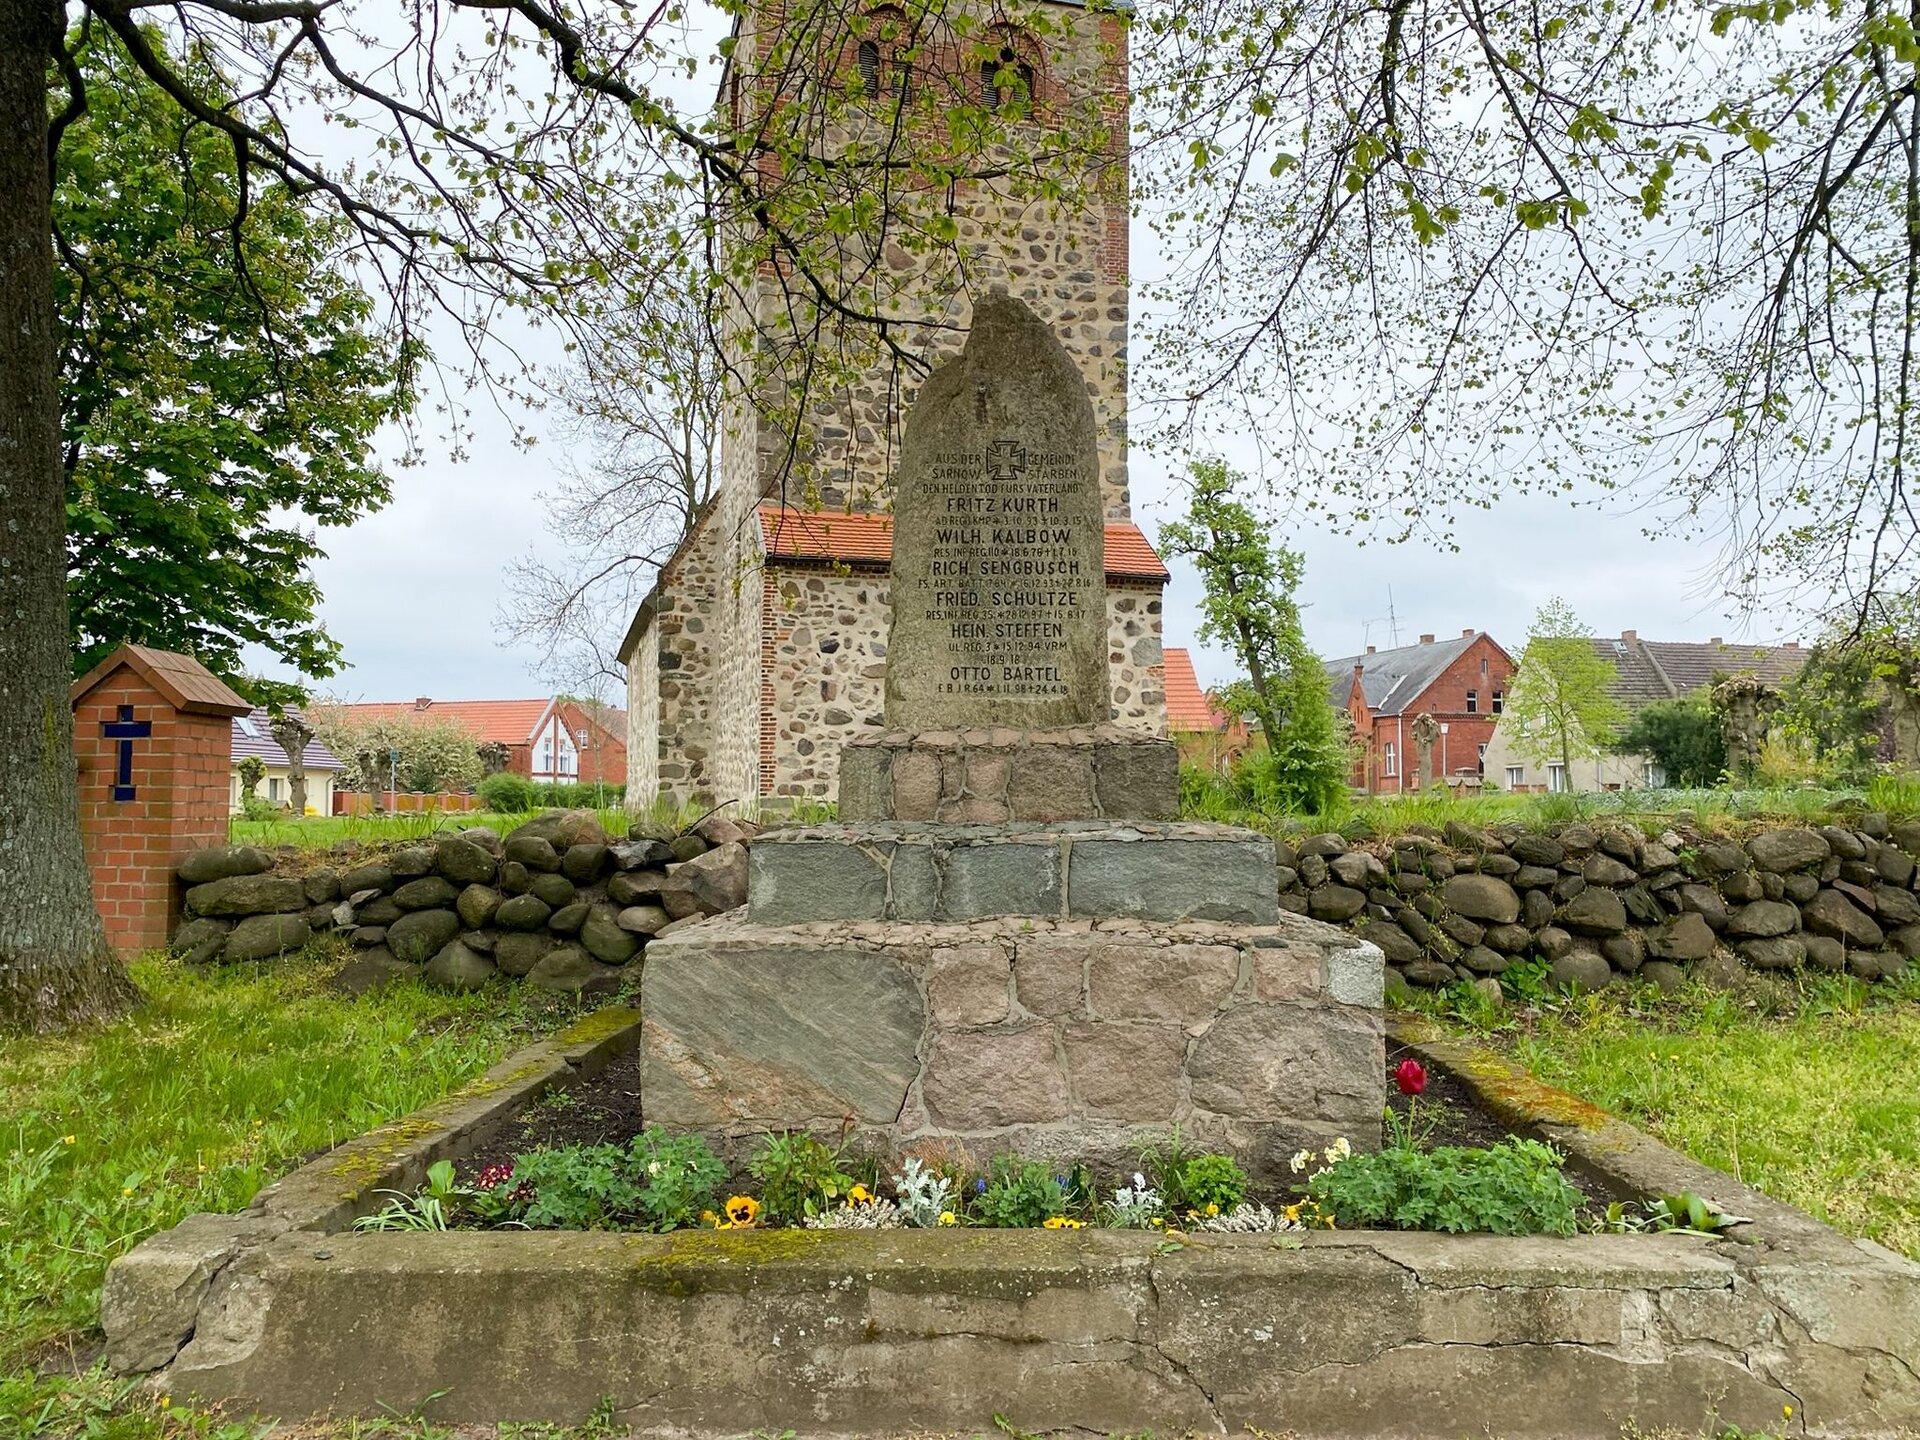 Sarnow, an der Kirche. Denkmal für die Gefallenen des Ersten Weltkriegs (1914-1918)